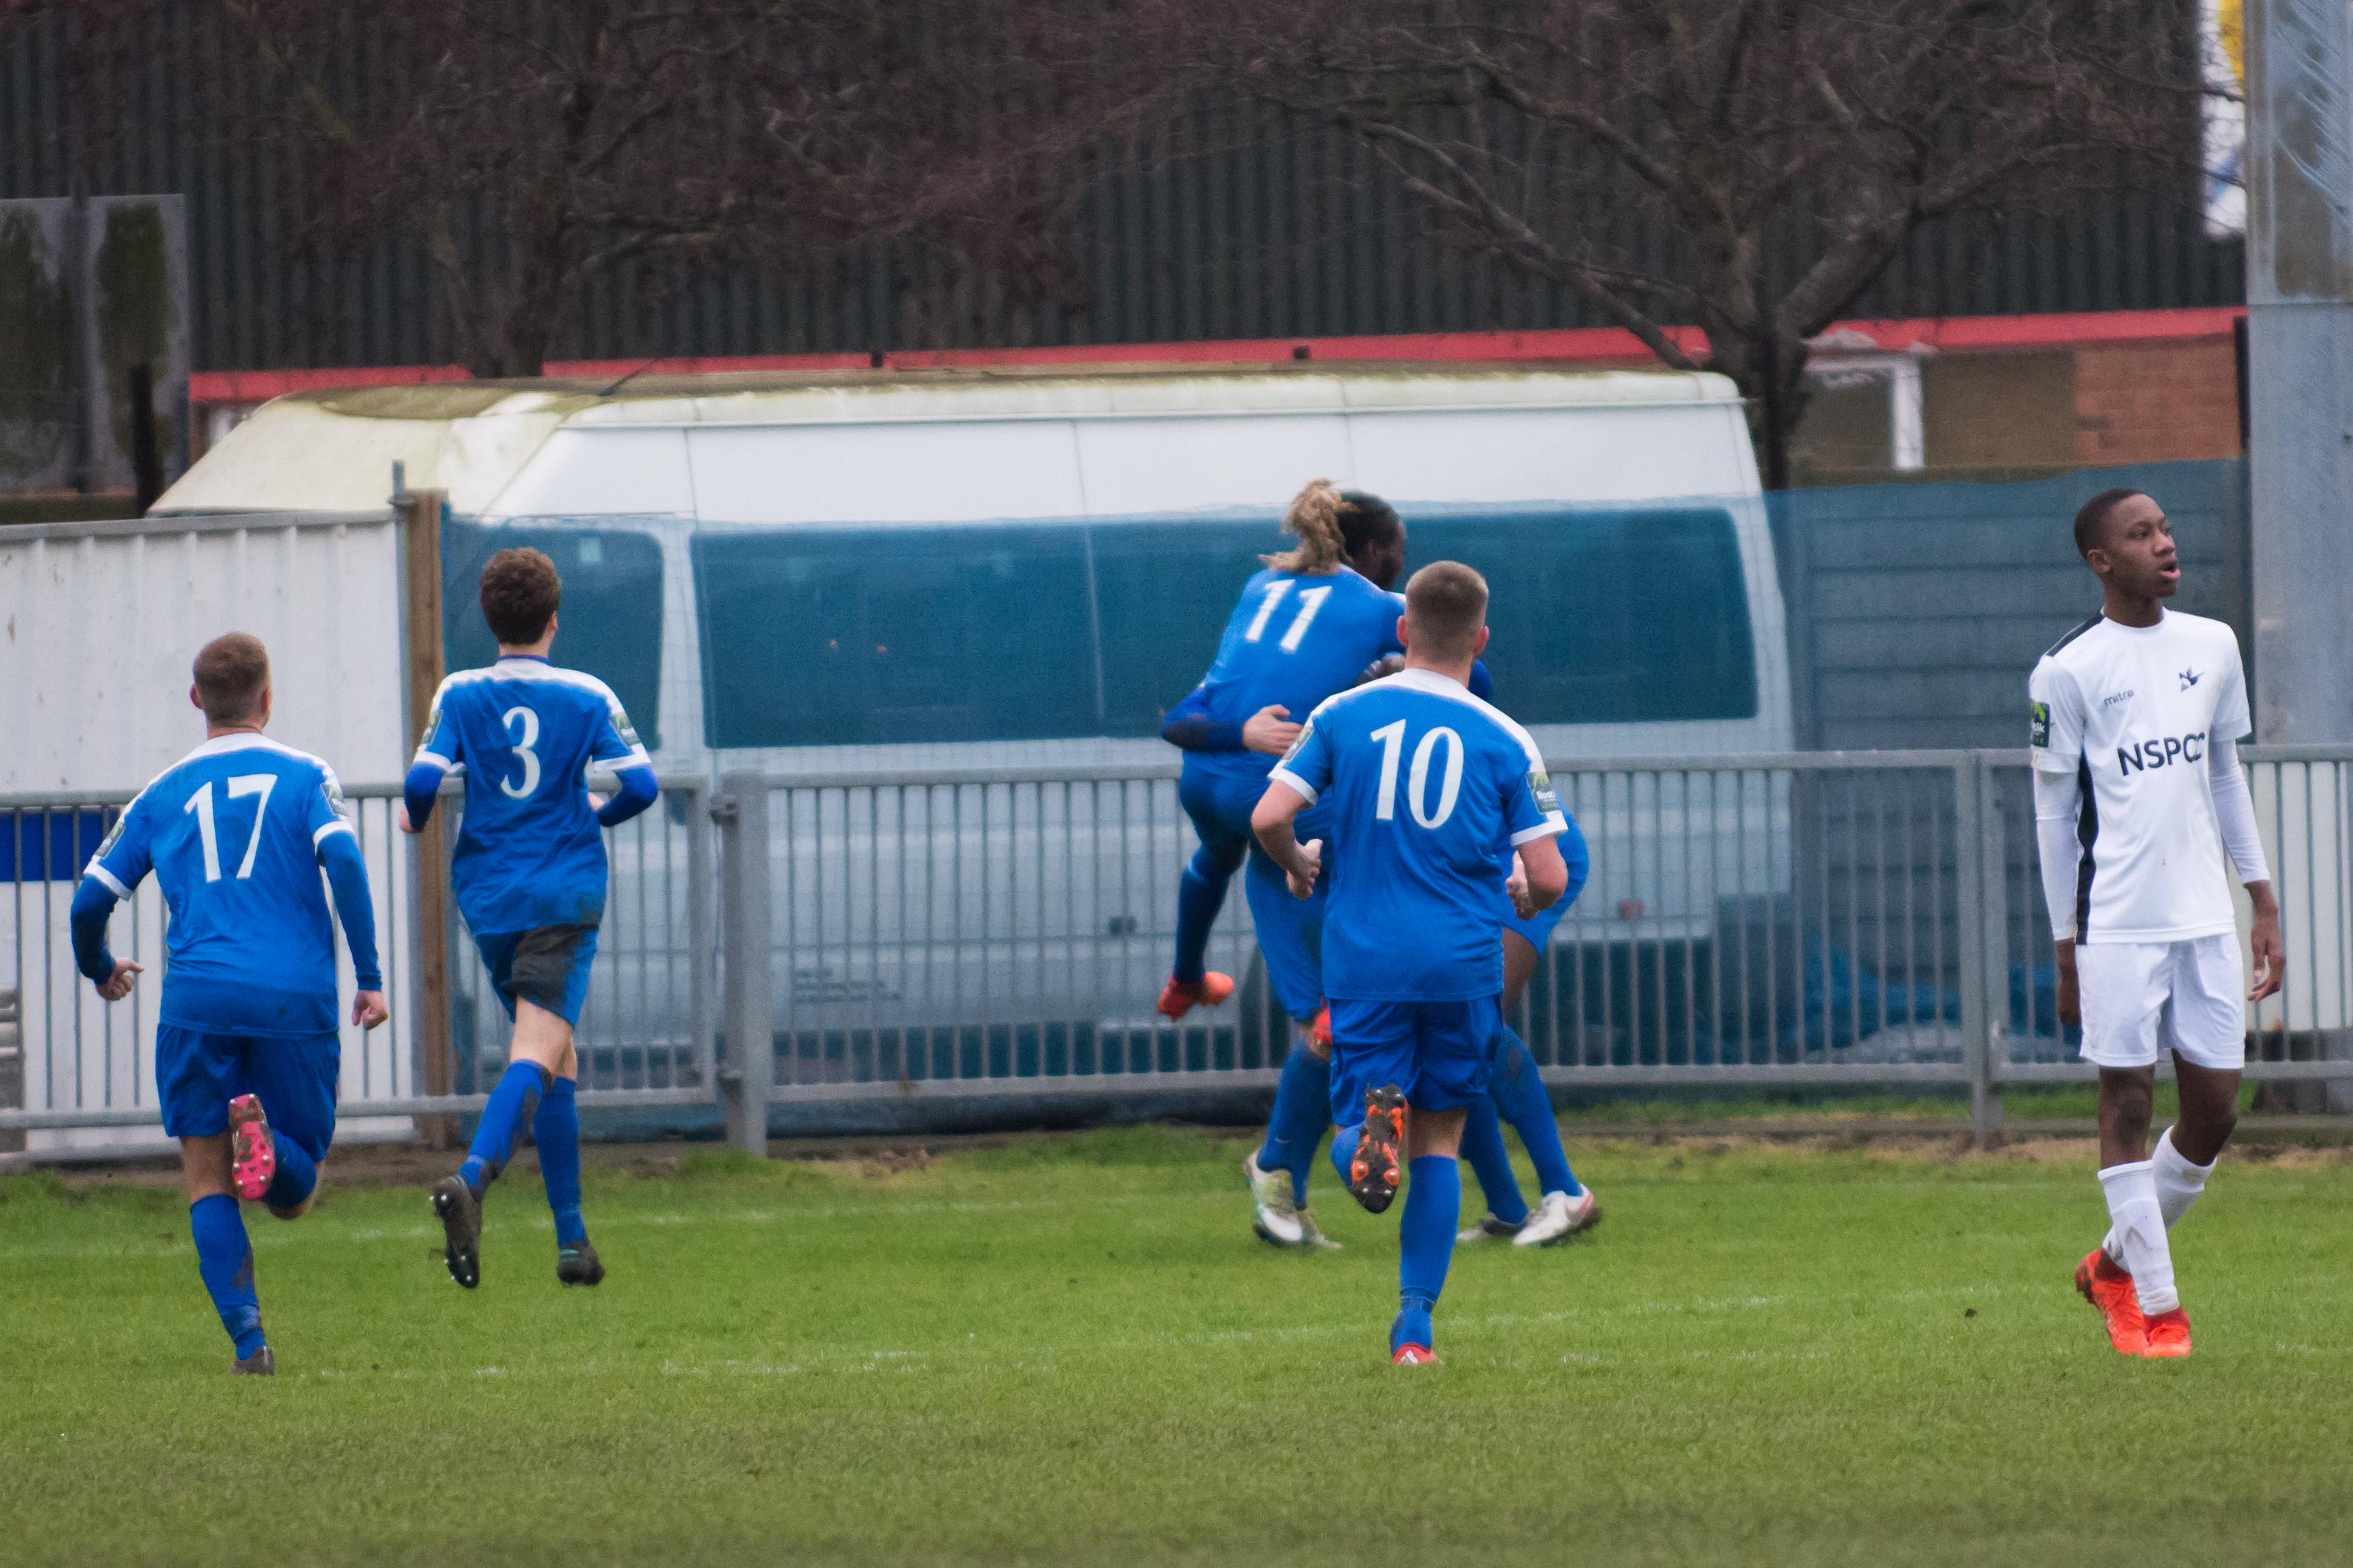 Shoreham FC vs Carshalton Ath 23.12.17 68